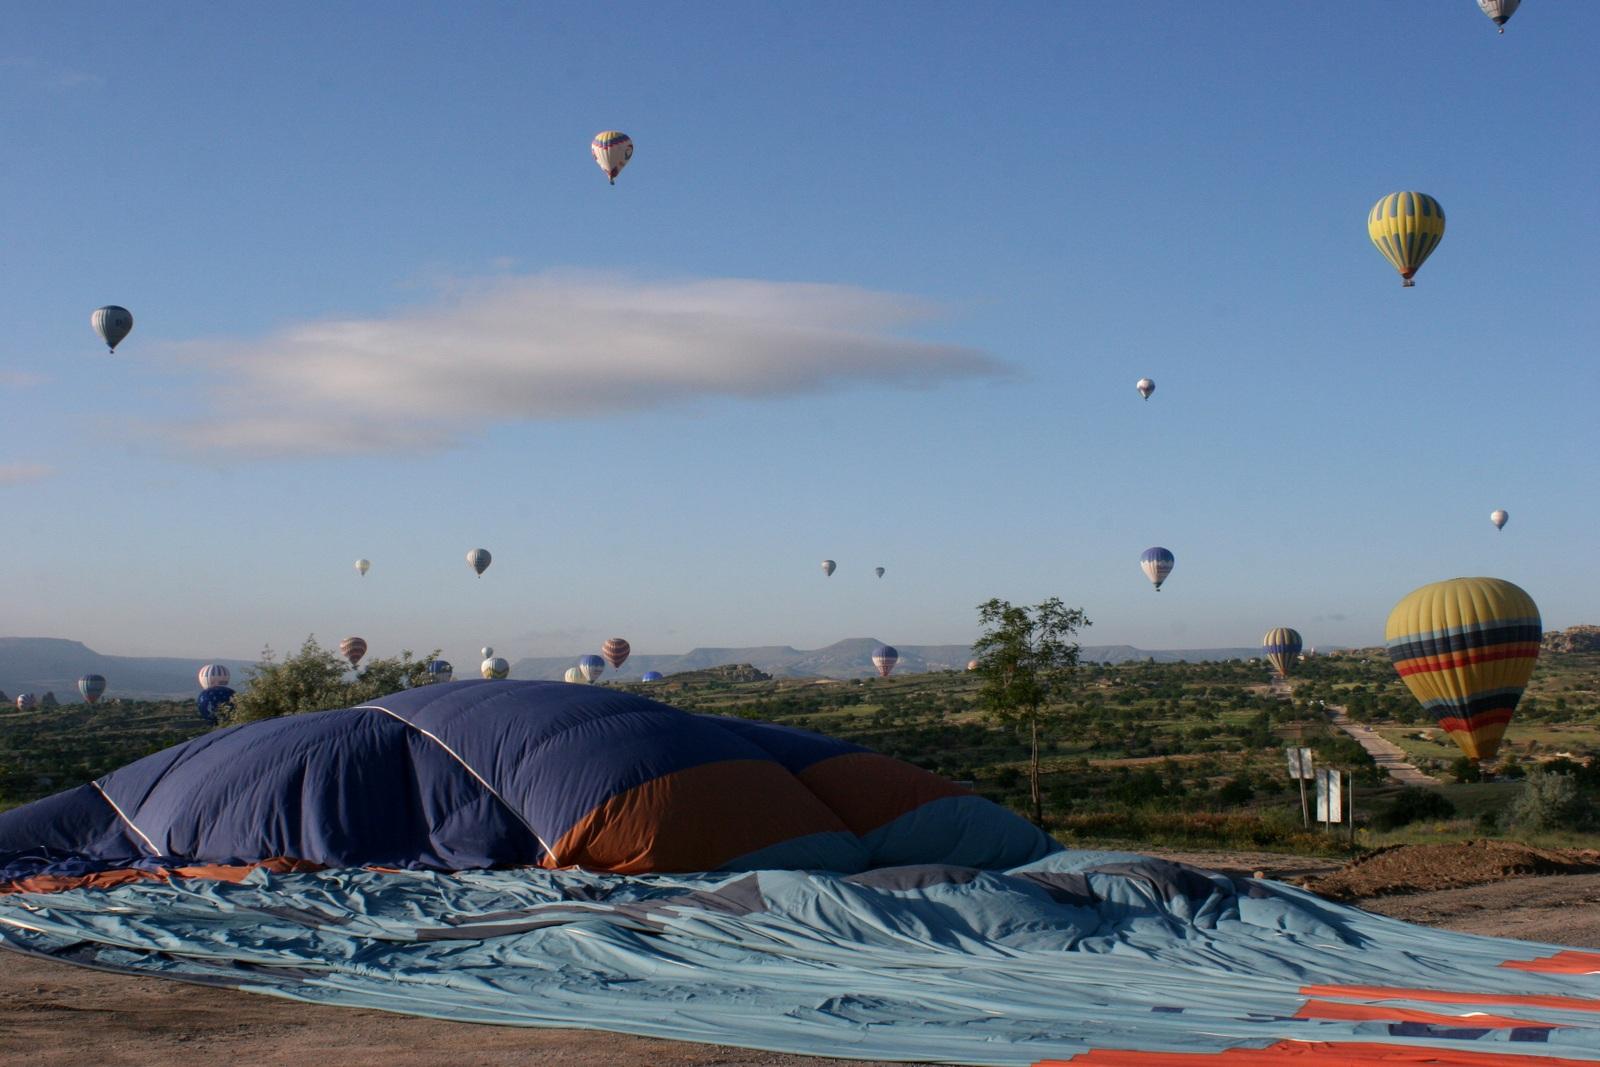 turkki-kappadokia-kuumailmapallo-13